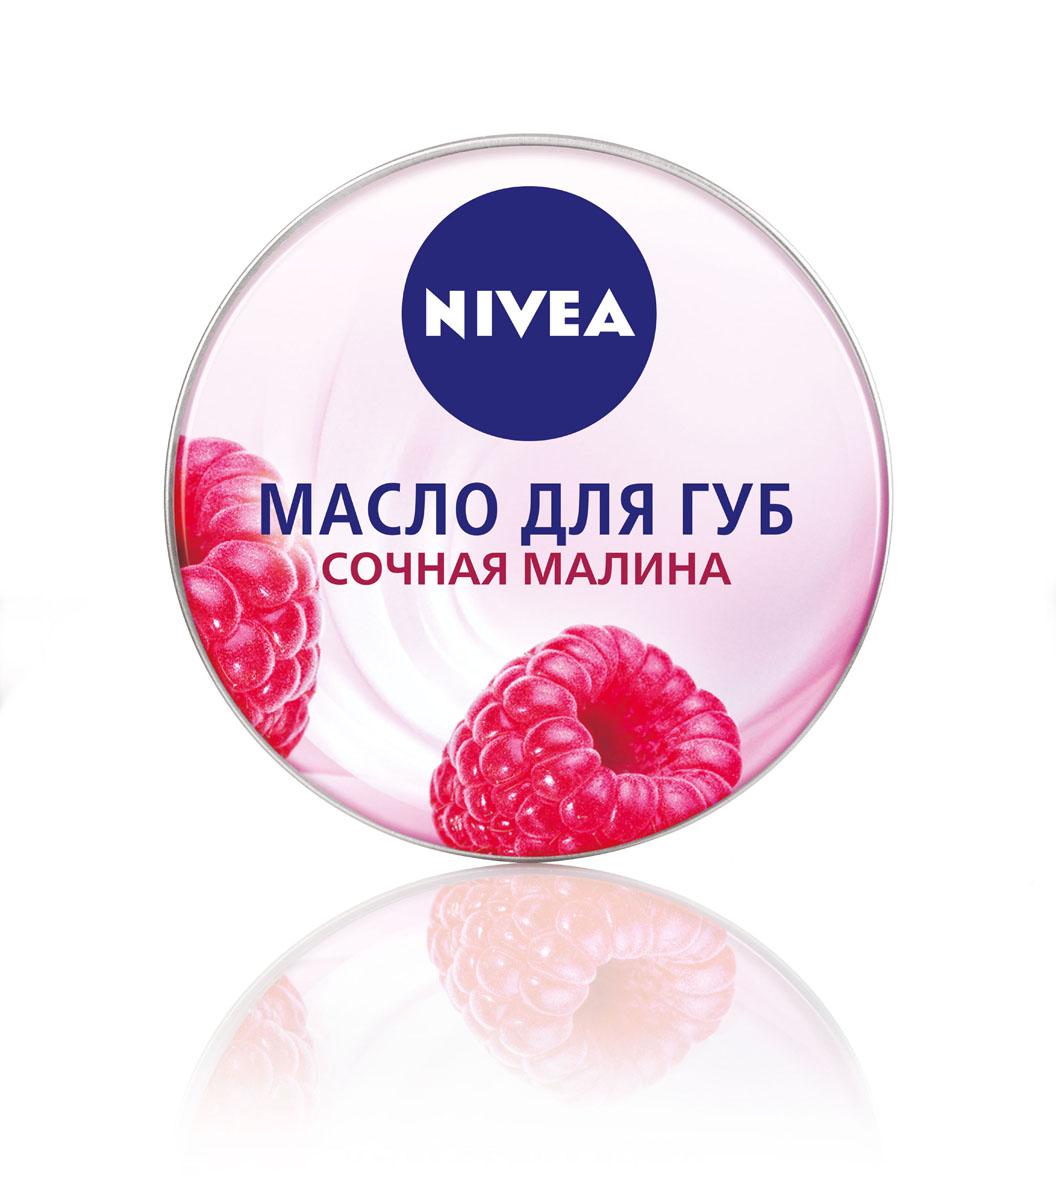 NIVEA Масло для губ «Сочная малина» 19 мл10062080•Масло для губ от NIVEA — это новая гамма восхитительных вкусов и ароматов, которая превращает уход за губами в истинное удовольствие. Увлажняющая формула, обогощенная маслами карите и миндаля, интенсивно и надолго увлажняет кожу губ. Масло для губ с нежным ароматом малины делает кожу губ невероятно мягкой. Как это работает •обеспечивает интенсивный уход в течение длительного времени •подходит для сухих губ •придает необыкновенную мягкость •придает естественный блеск Одобрено дерматологами NIVEA — всё для самых нежных поцелуев!